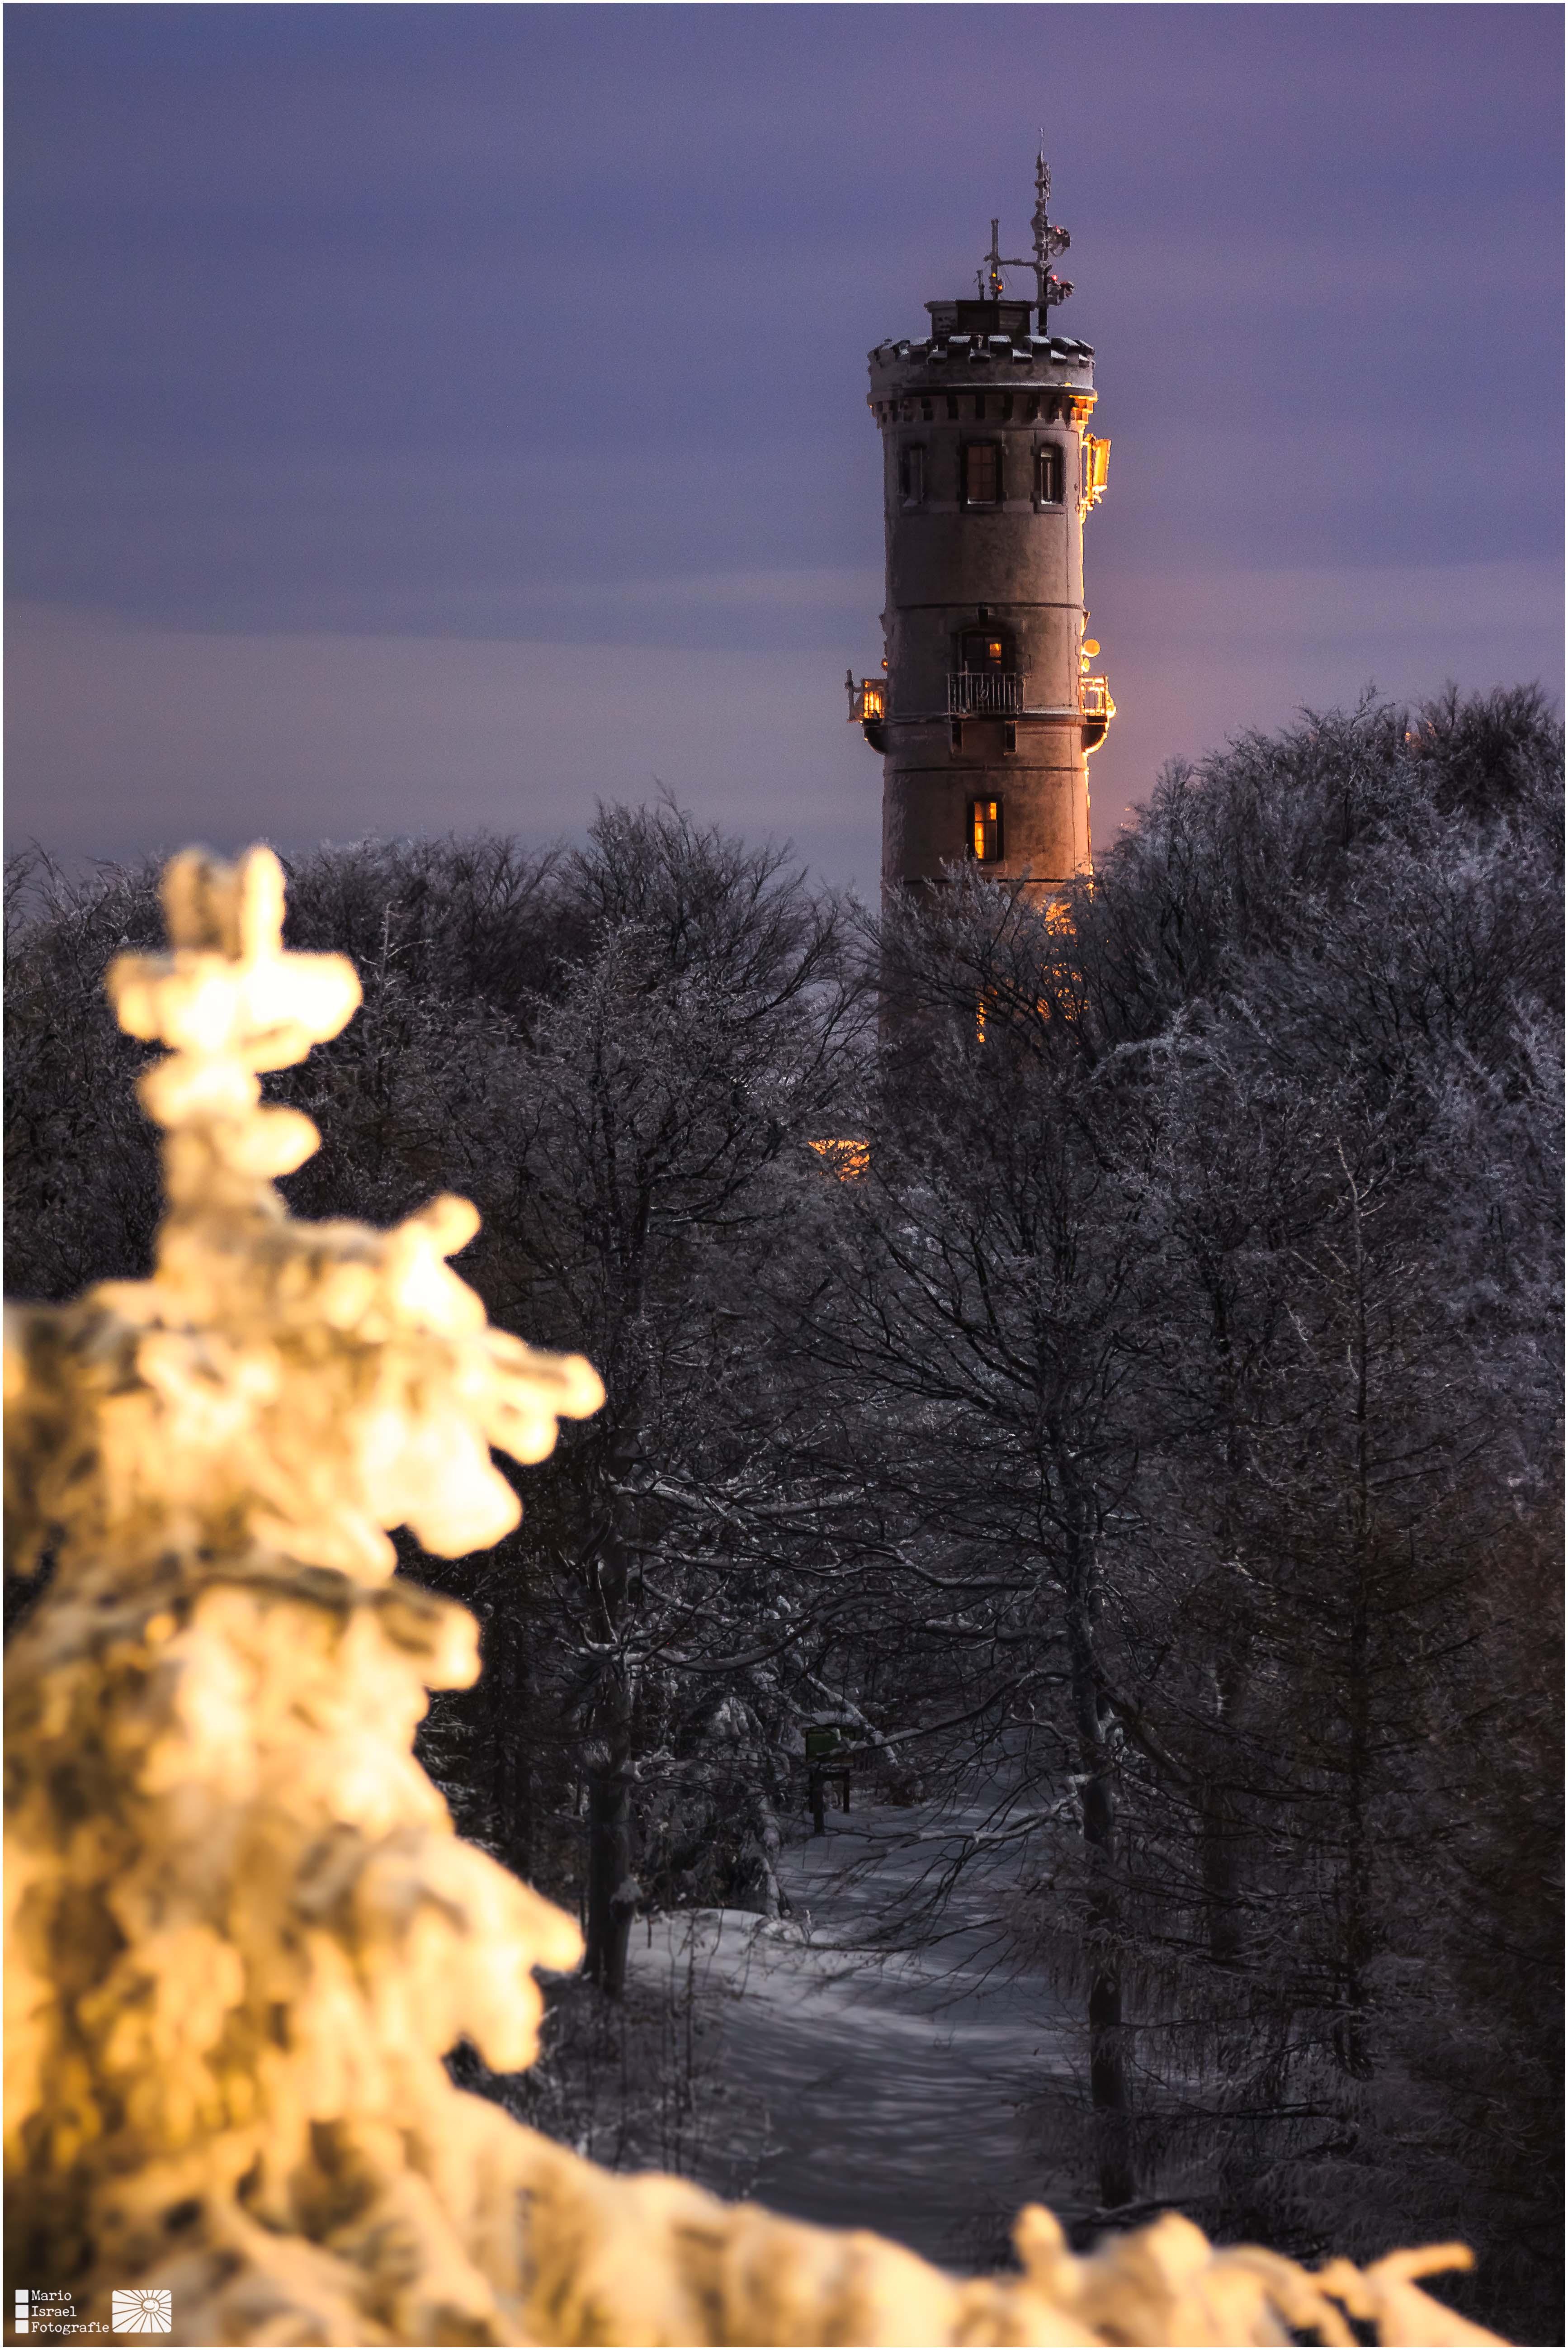 Vollmondnacht am Hochwaldturm